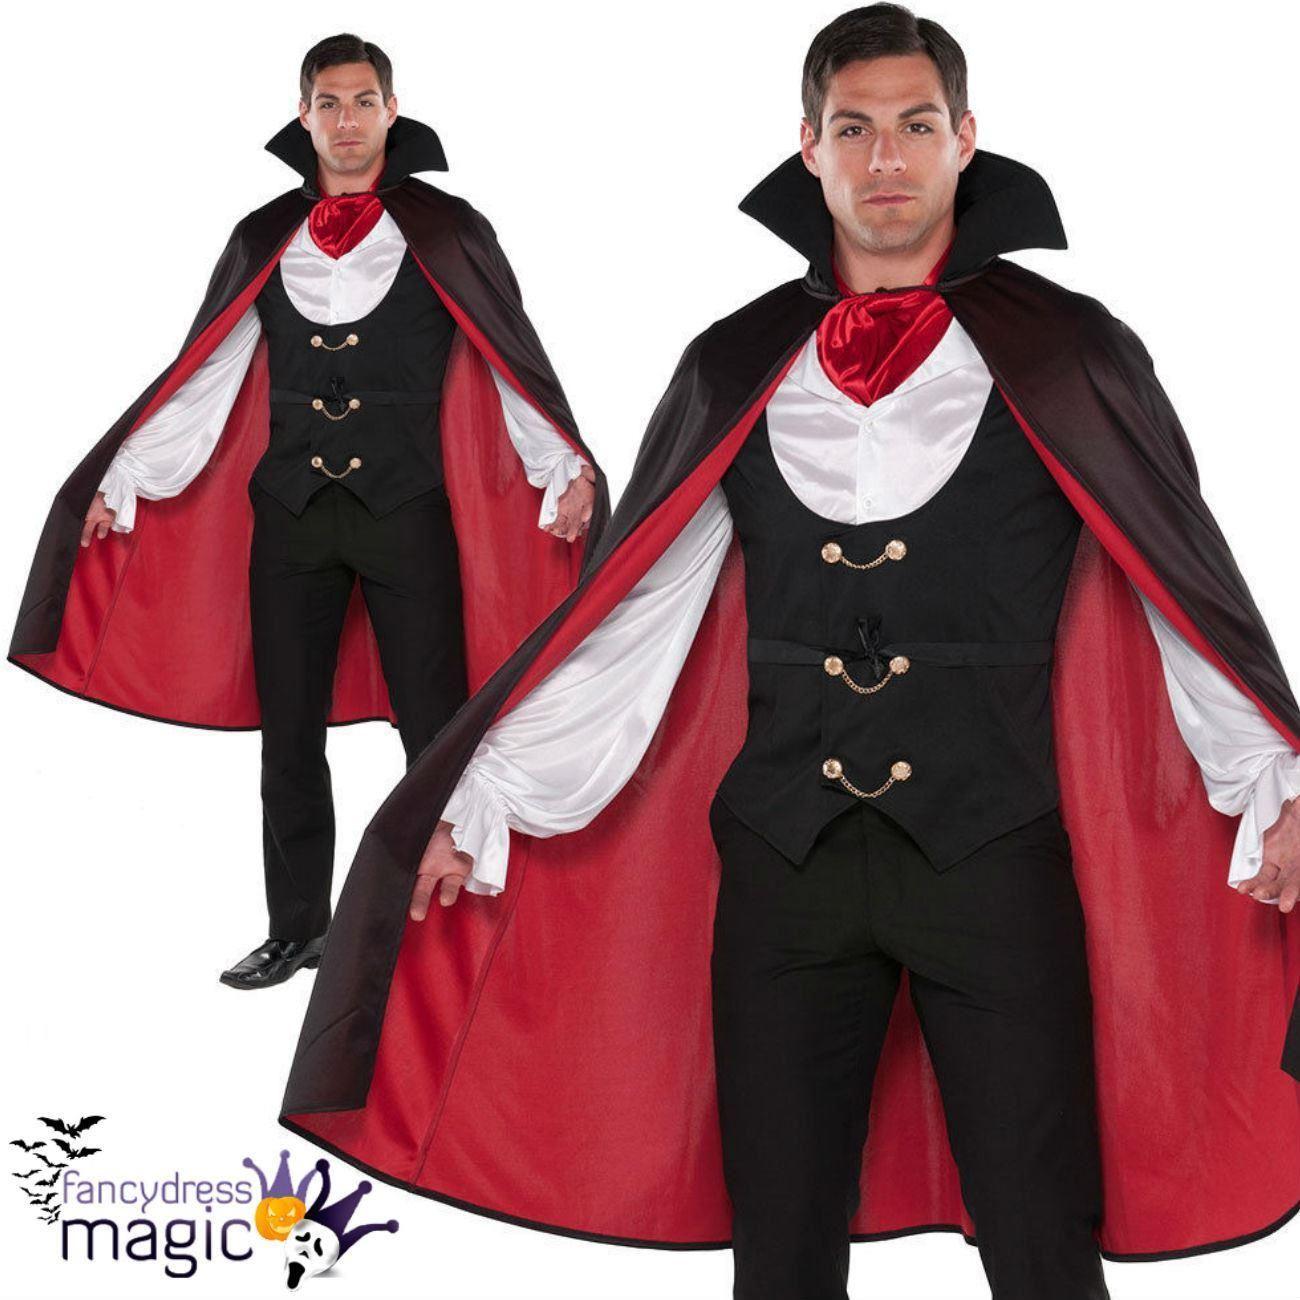 Adulto Hombre True Vampiro Disfraz Conde Drcula de Halloween capa